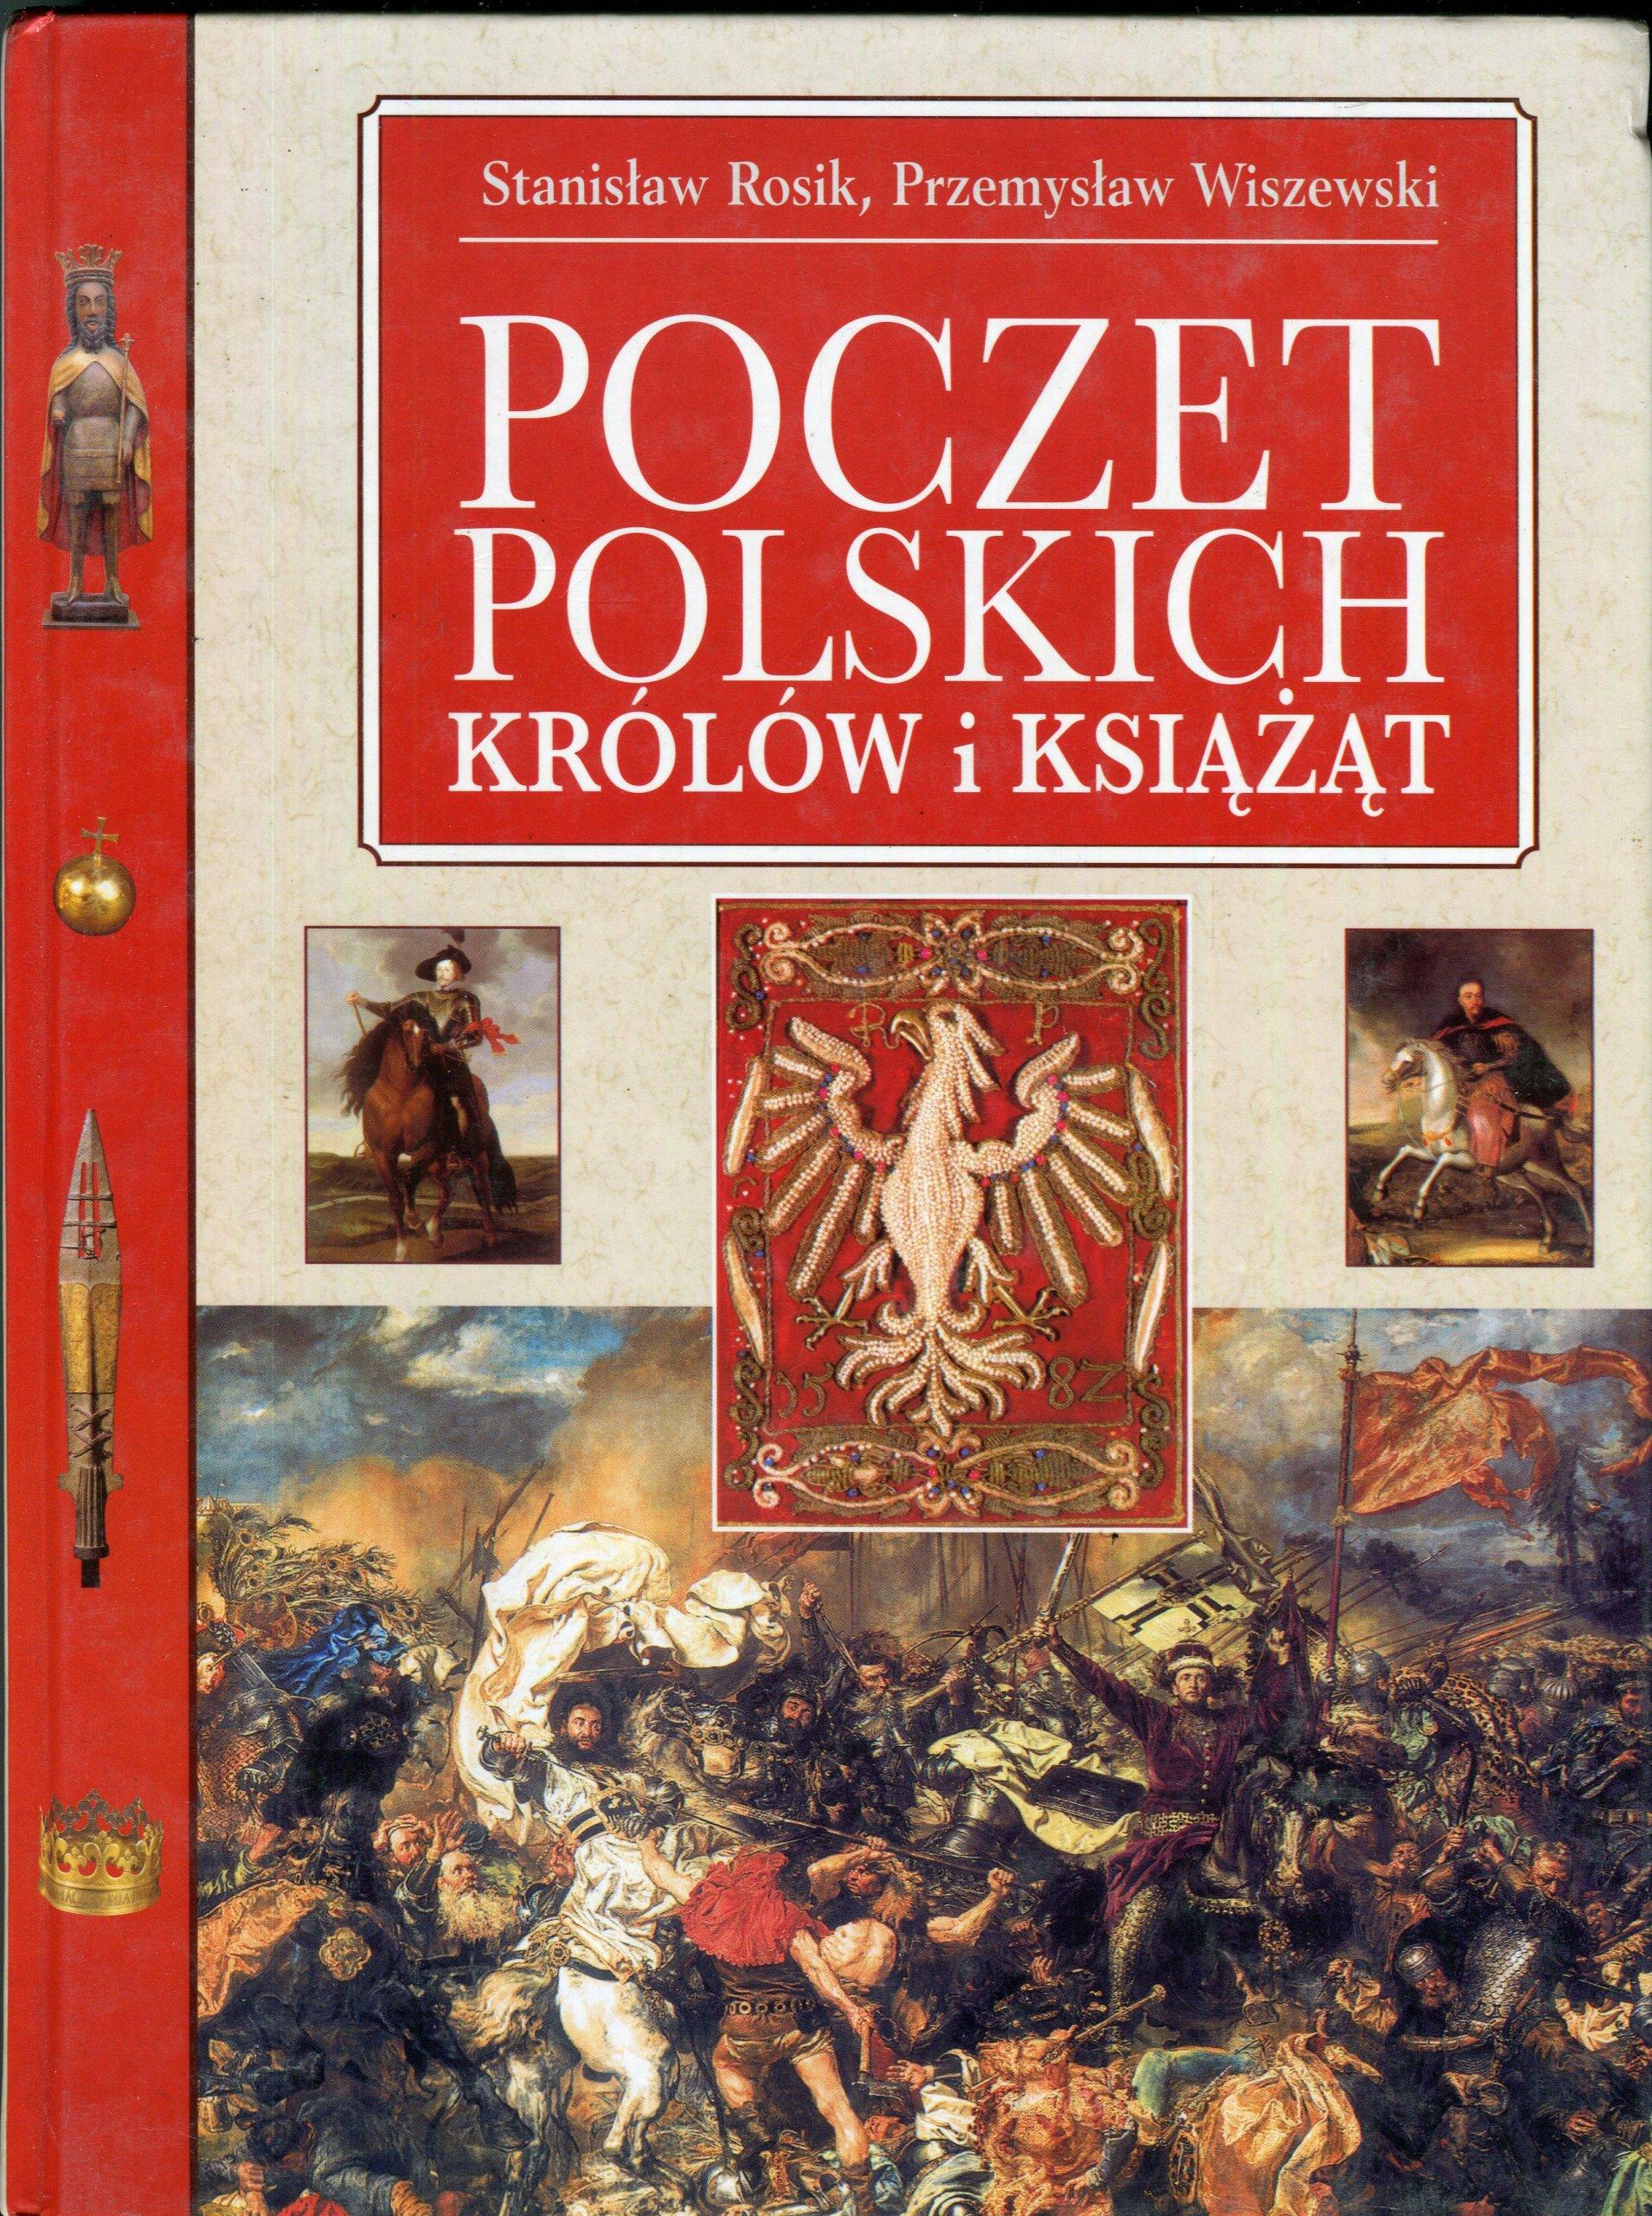 Poczet Polskich Królów i Książąt Stanisław Rosik